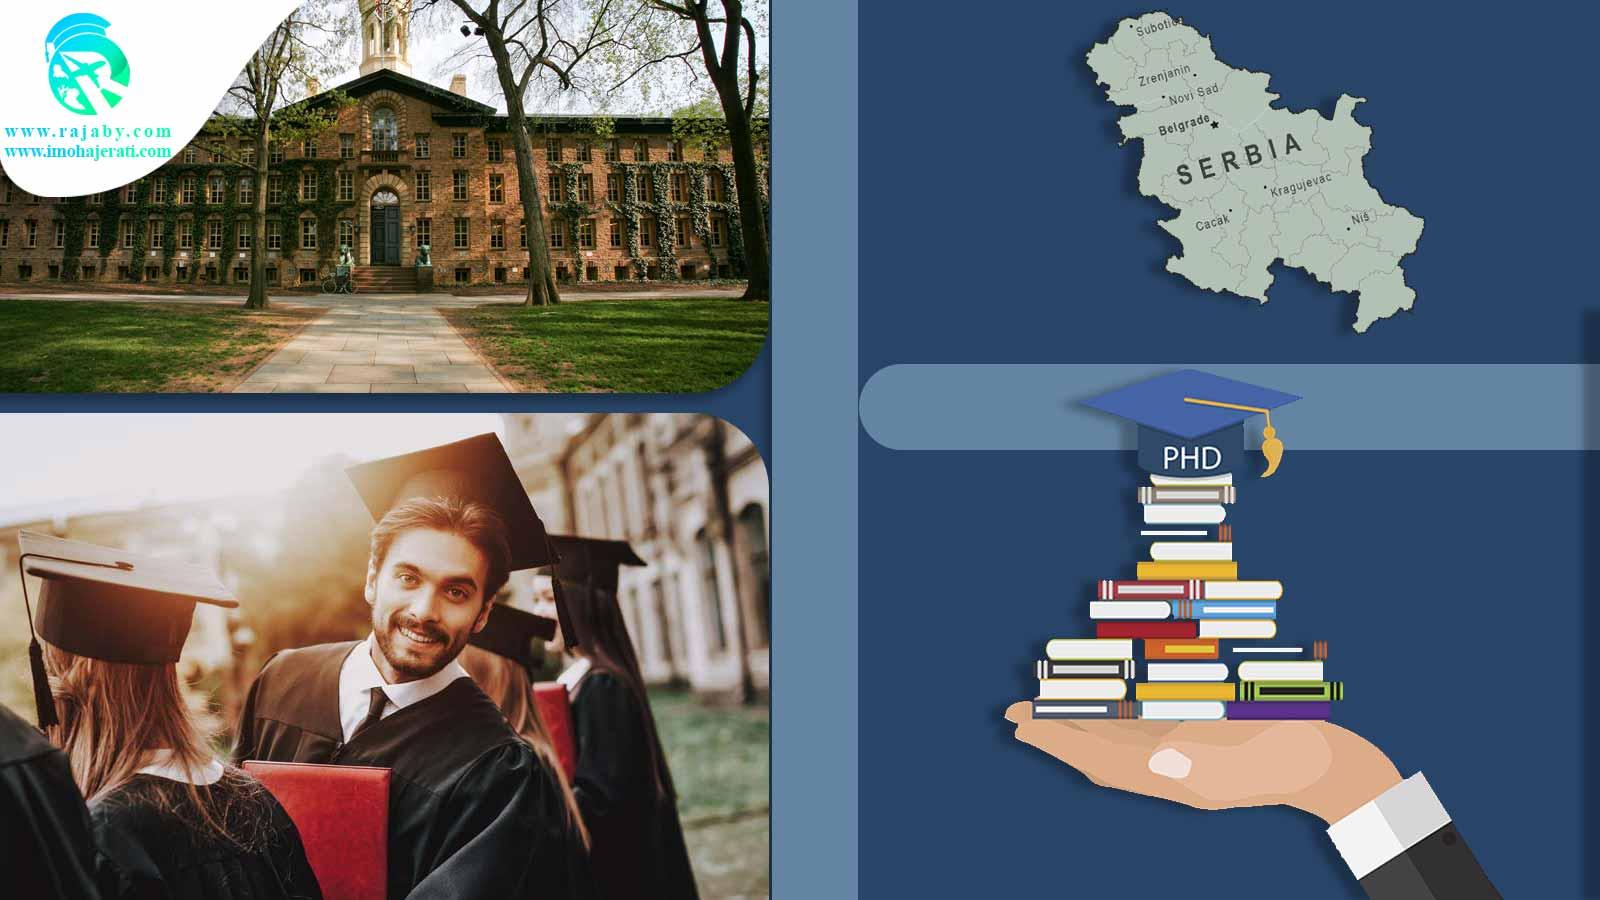 تحصیل مقطع دکترا در صربستان